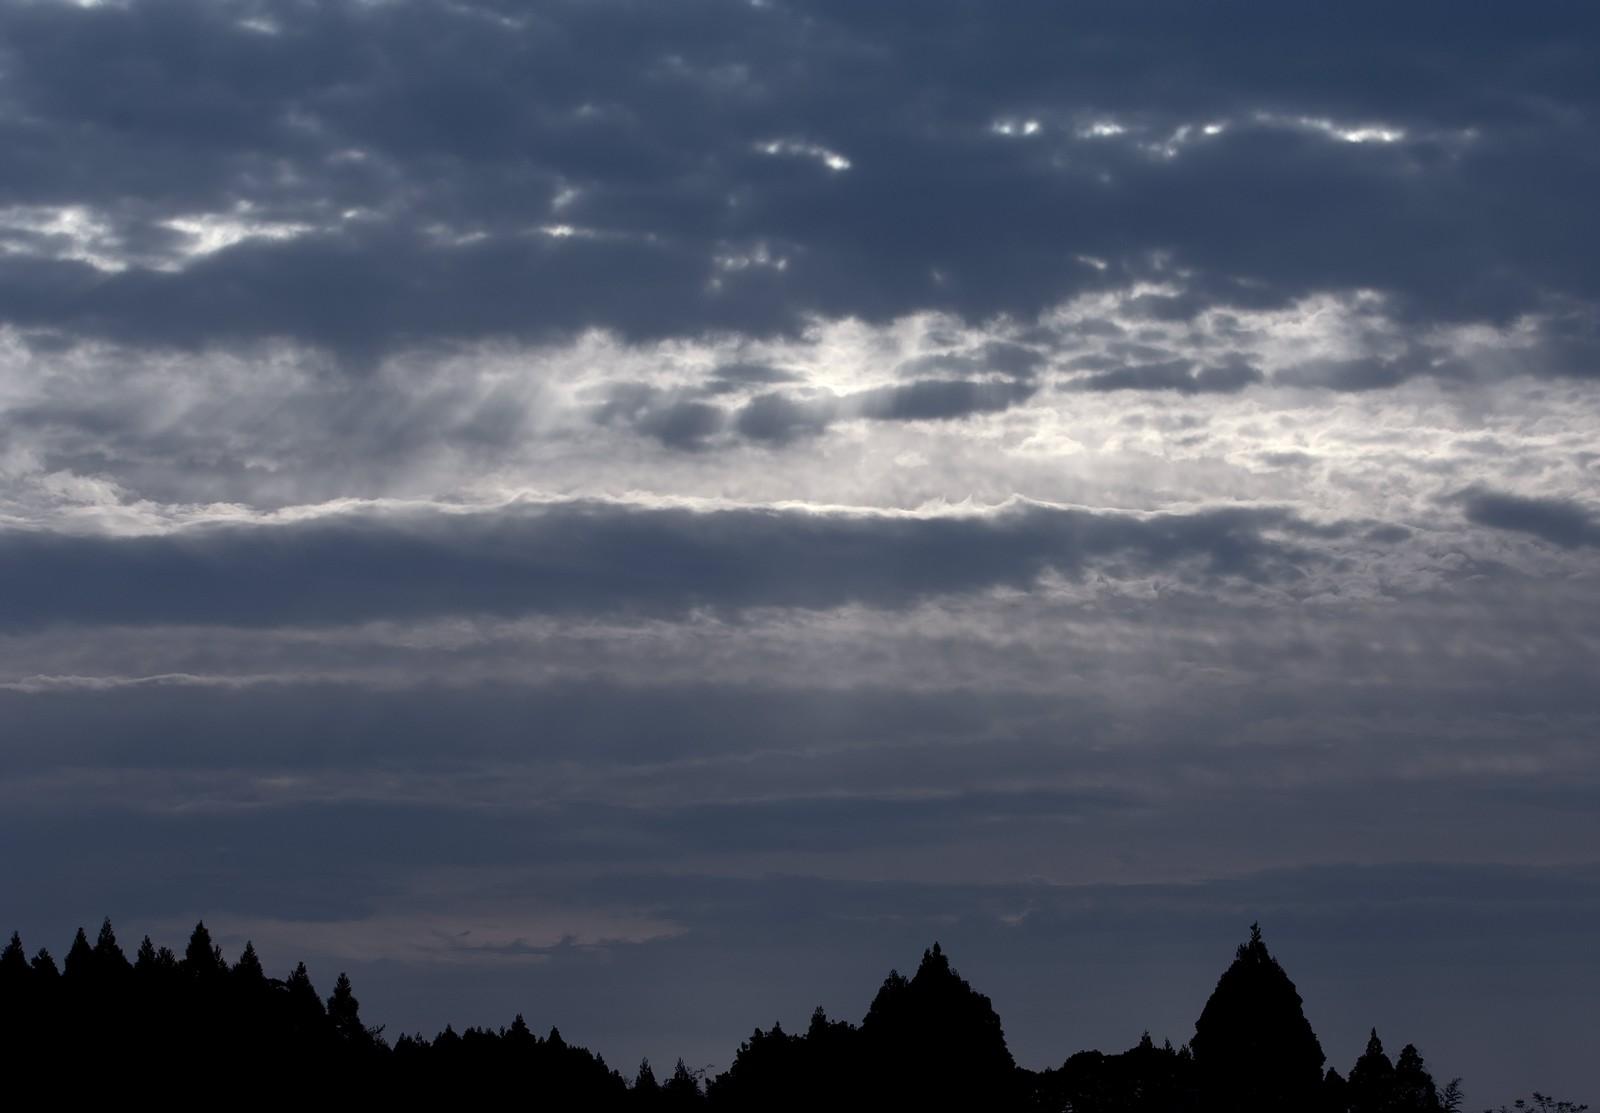 曇り空の雲間から光がさす